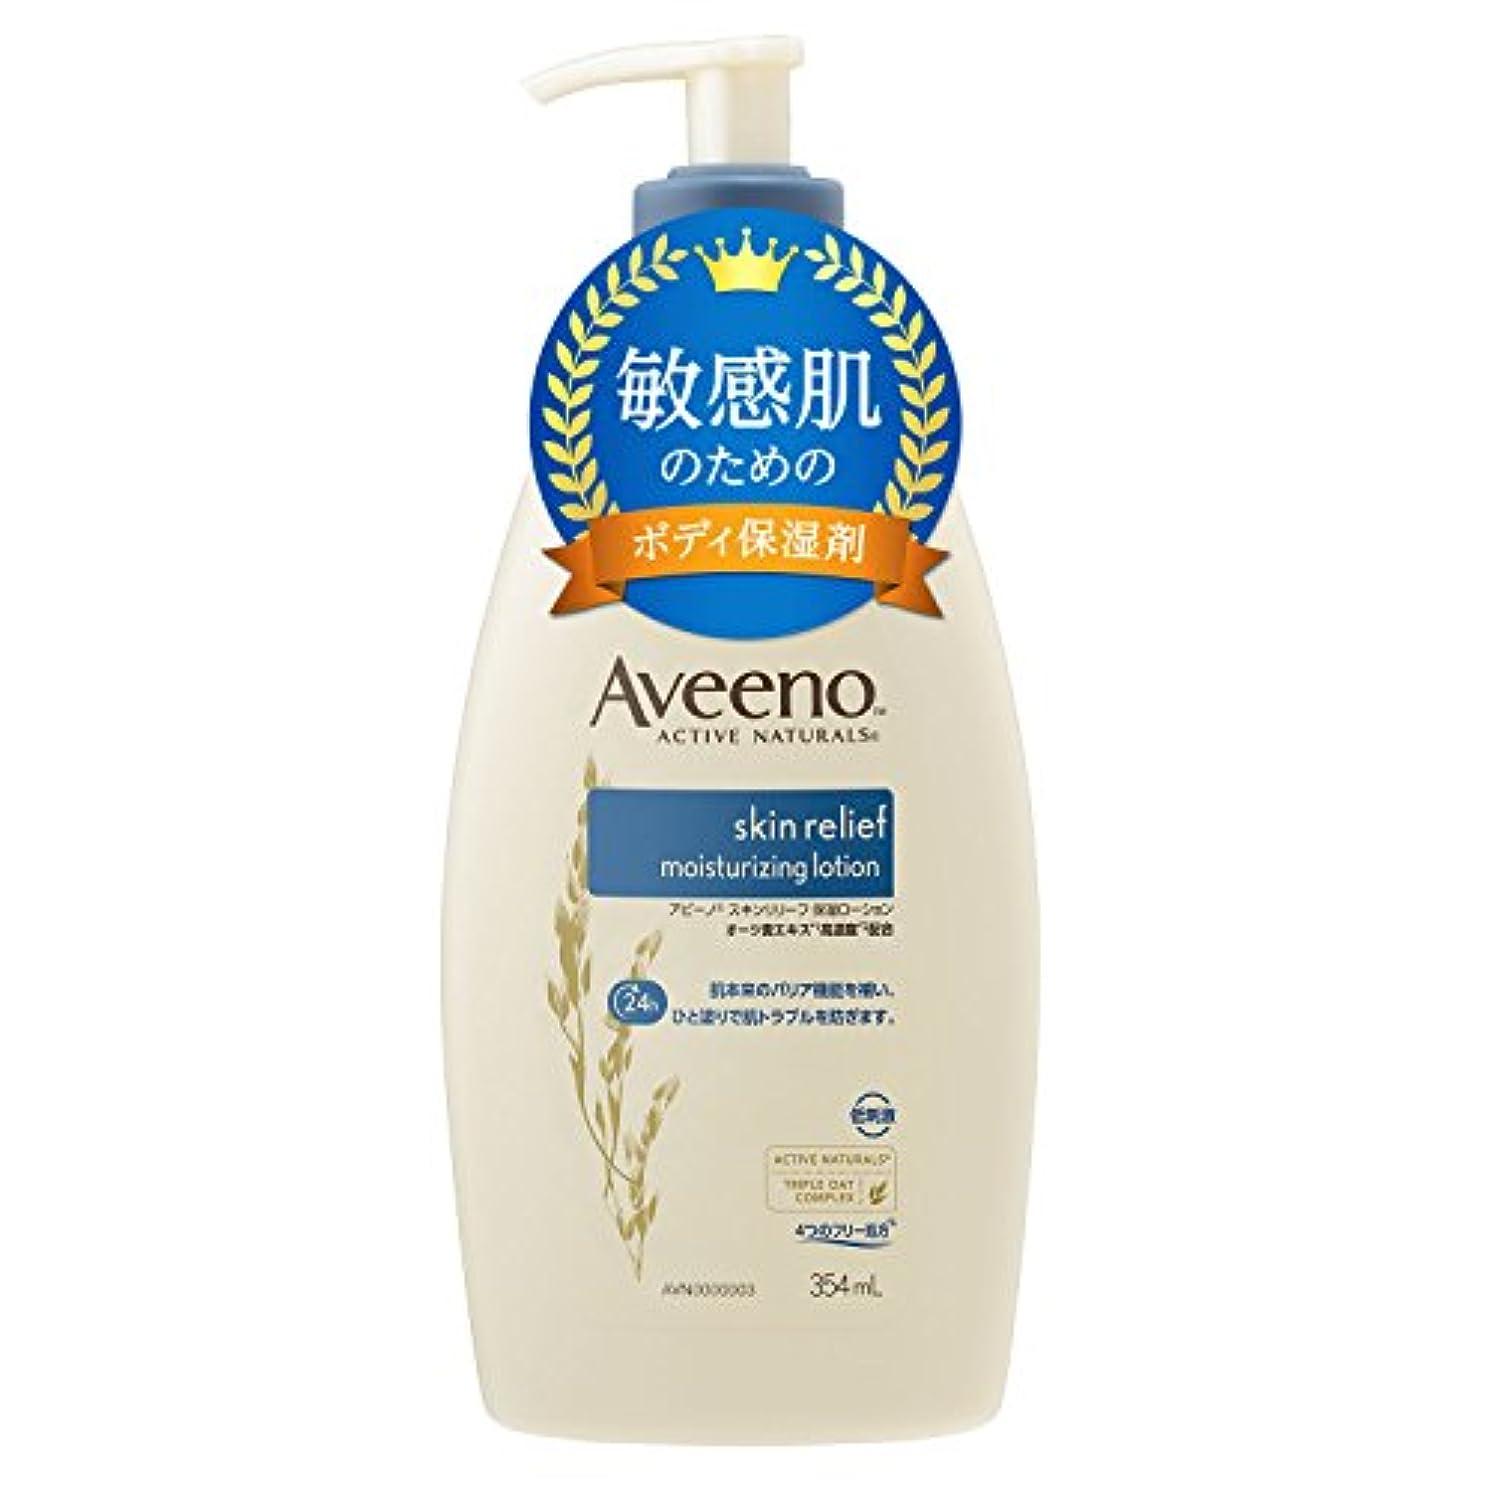 マイナー転用日付付き【Amazon.co.jp限定】Aveeno(アビーノ) スキンリリーフ 保湿ローション 354ml 【極度の乾燥肌、敏感肌の方向け】